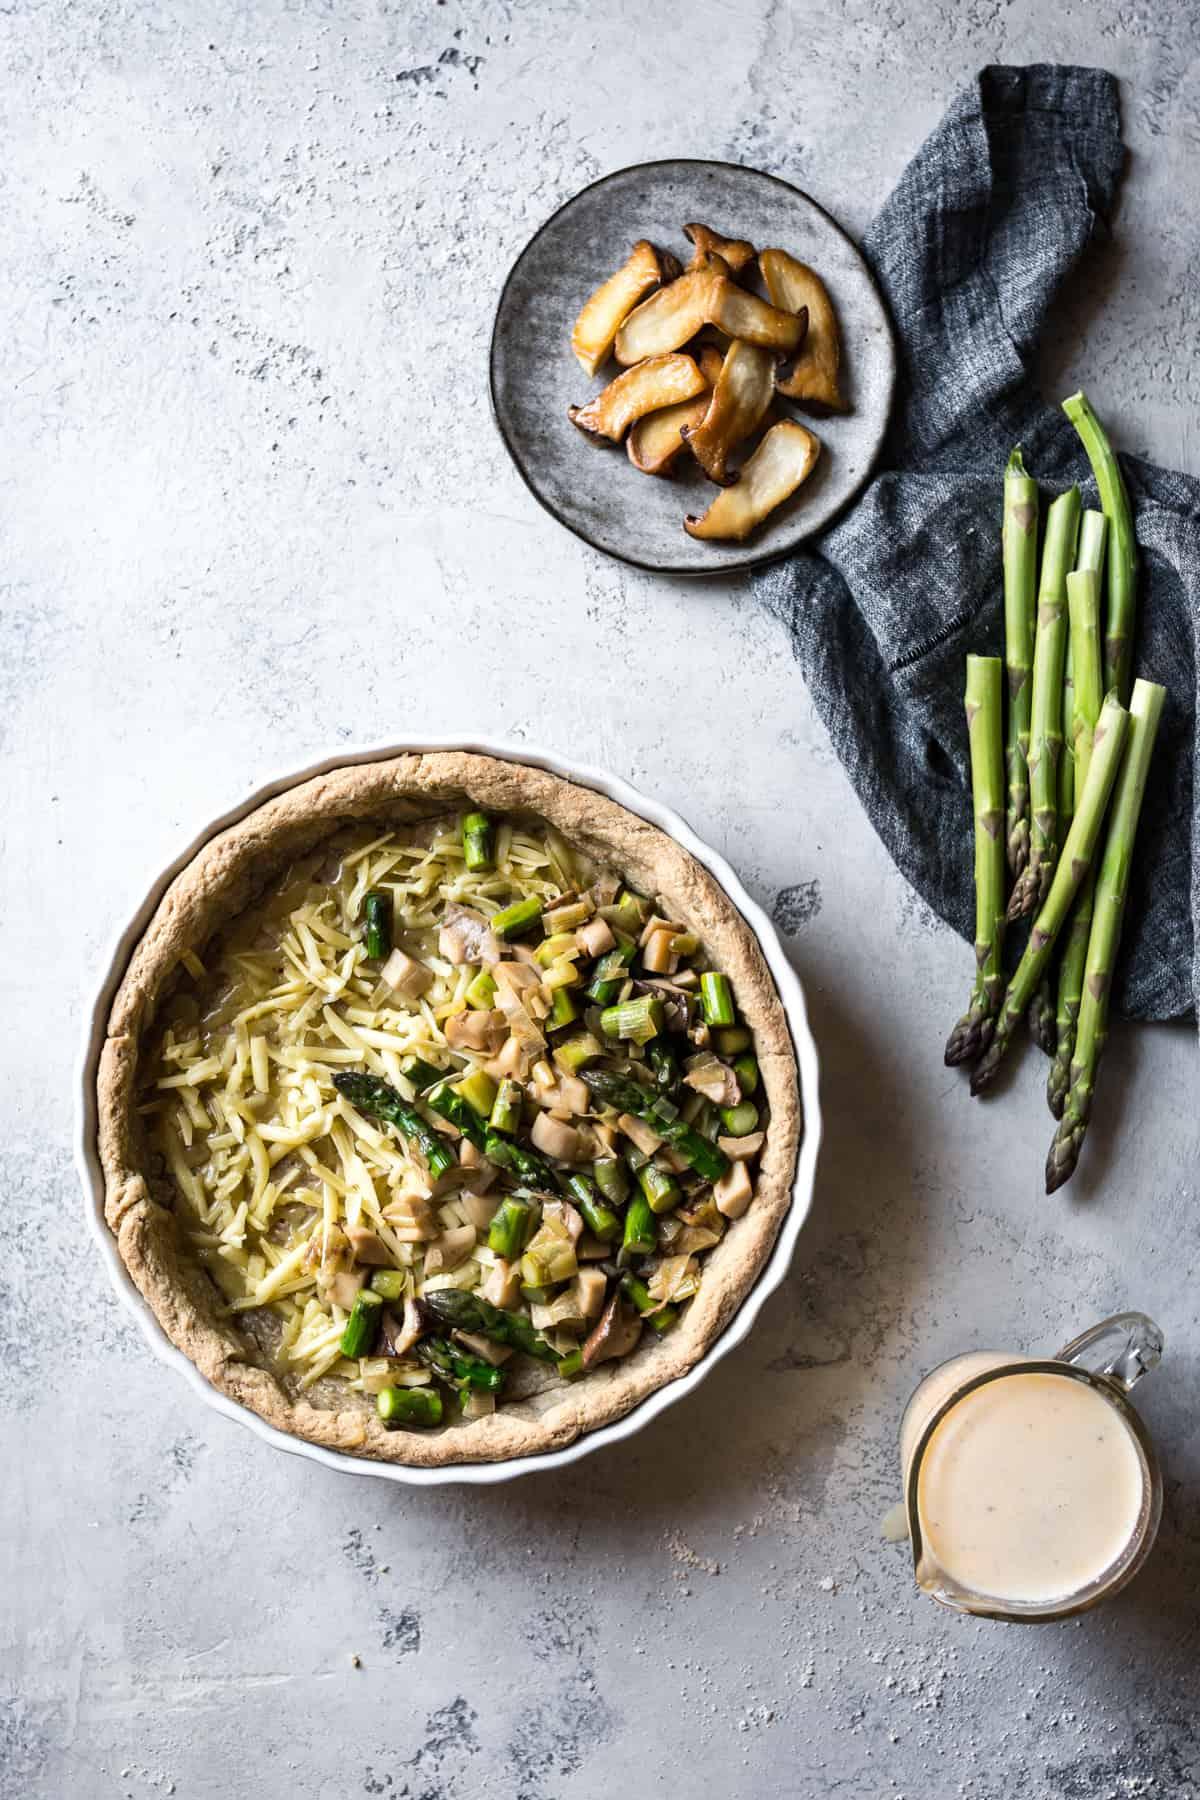 Cheddar Mushroom Asparagus Quiche